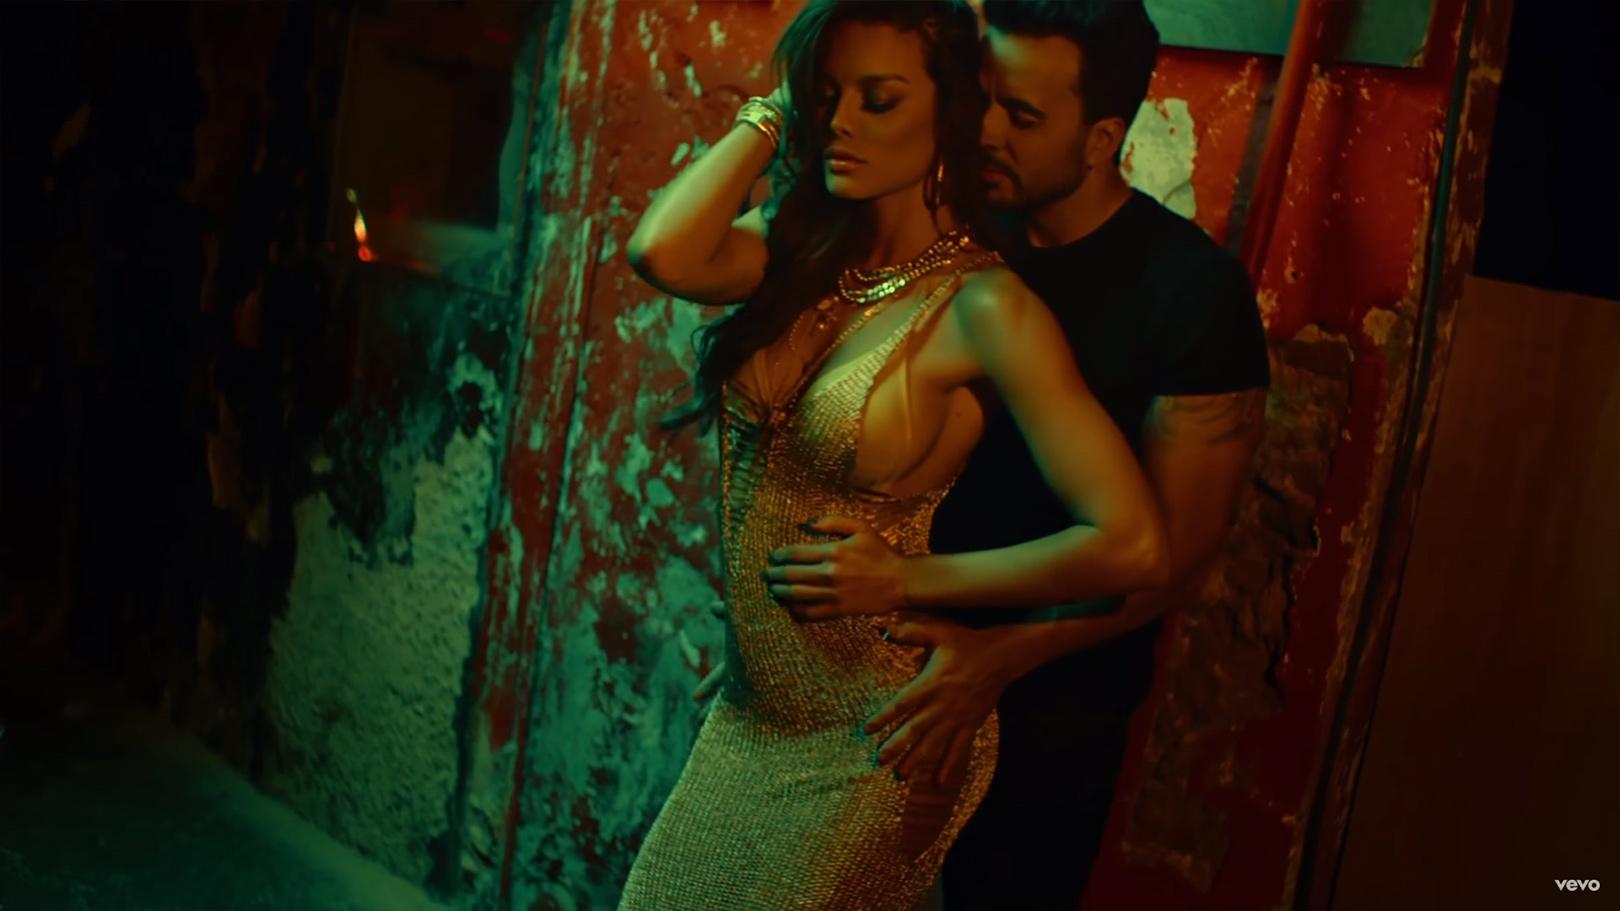 despacito_music_video_inset2